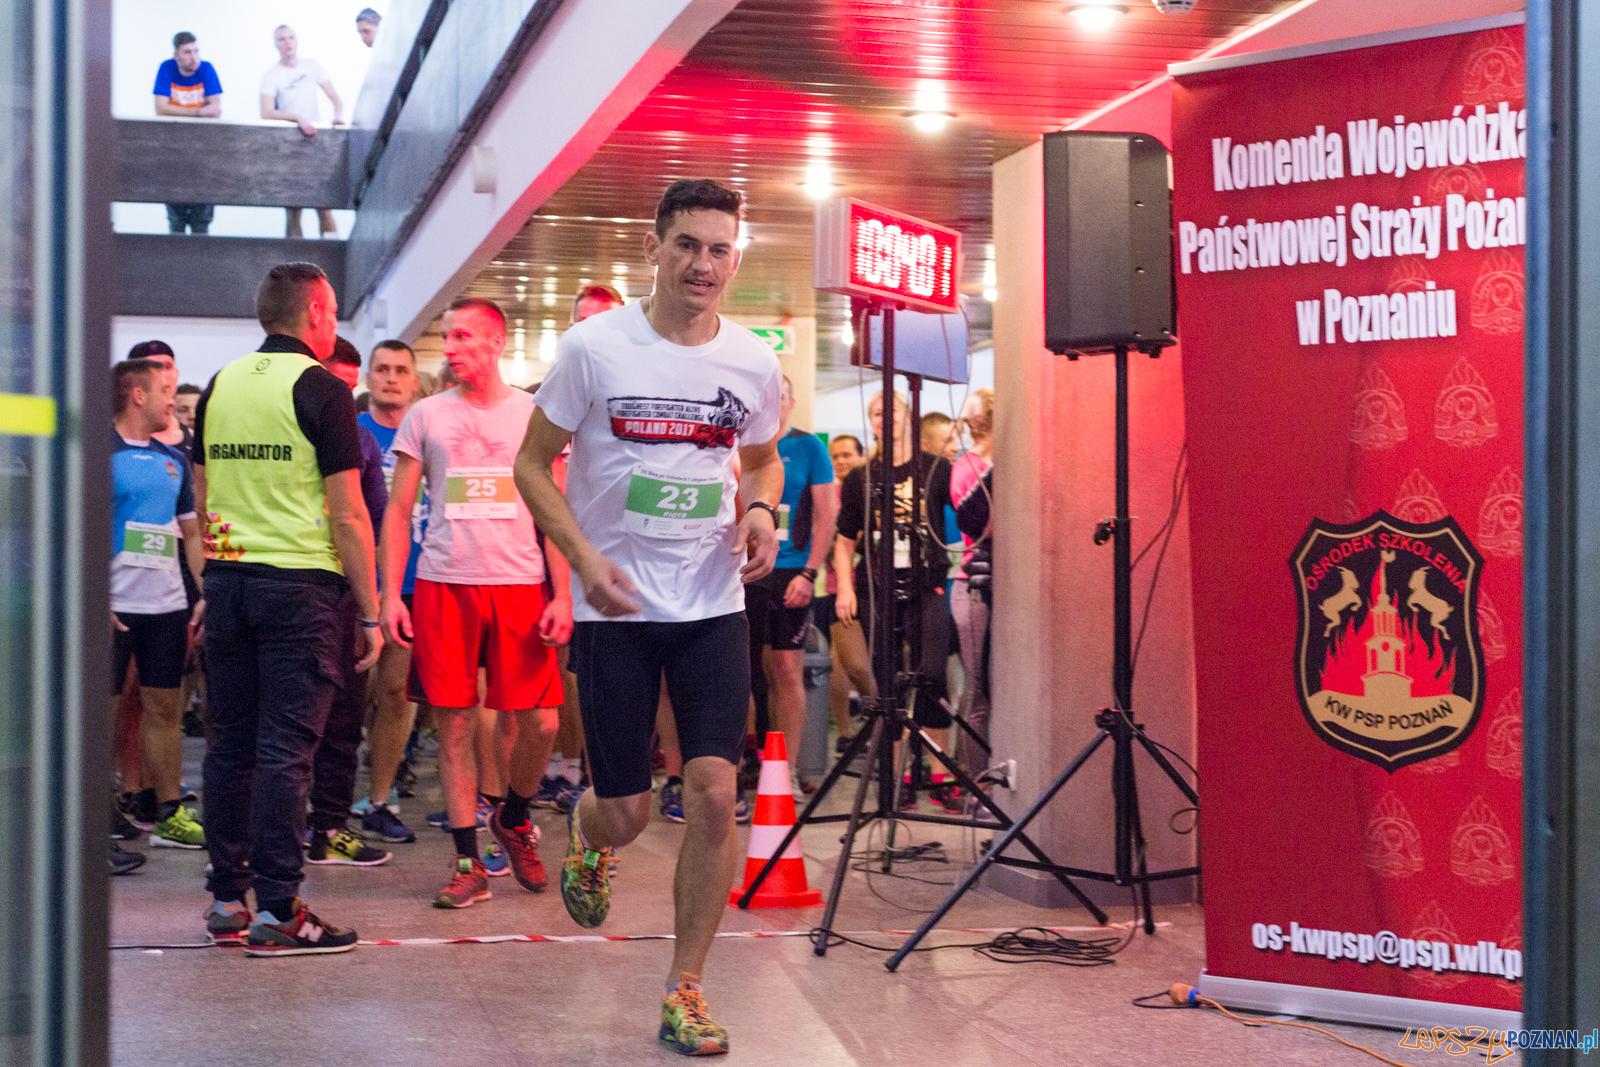 III Bieg po Schodach Collegium Altum  Foto: lepszyPOZNAN.pl/Piotr Rychter